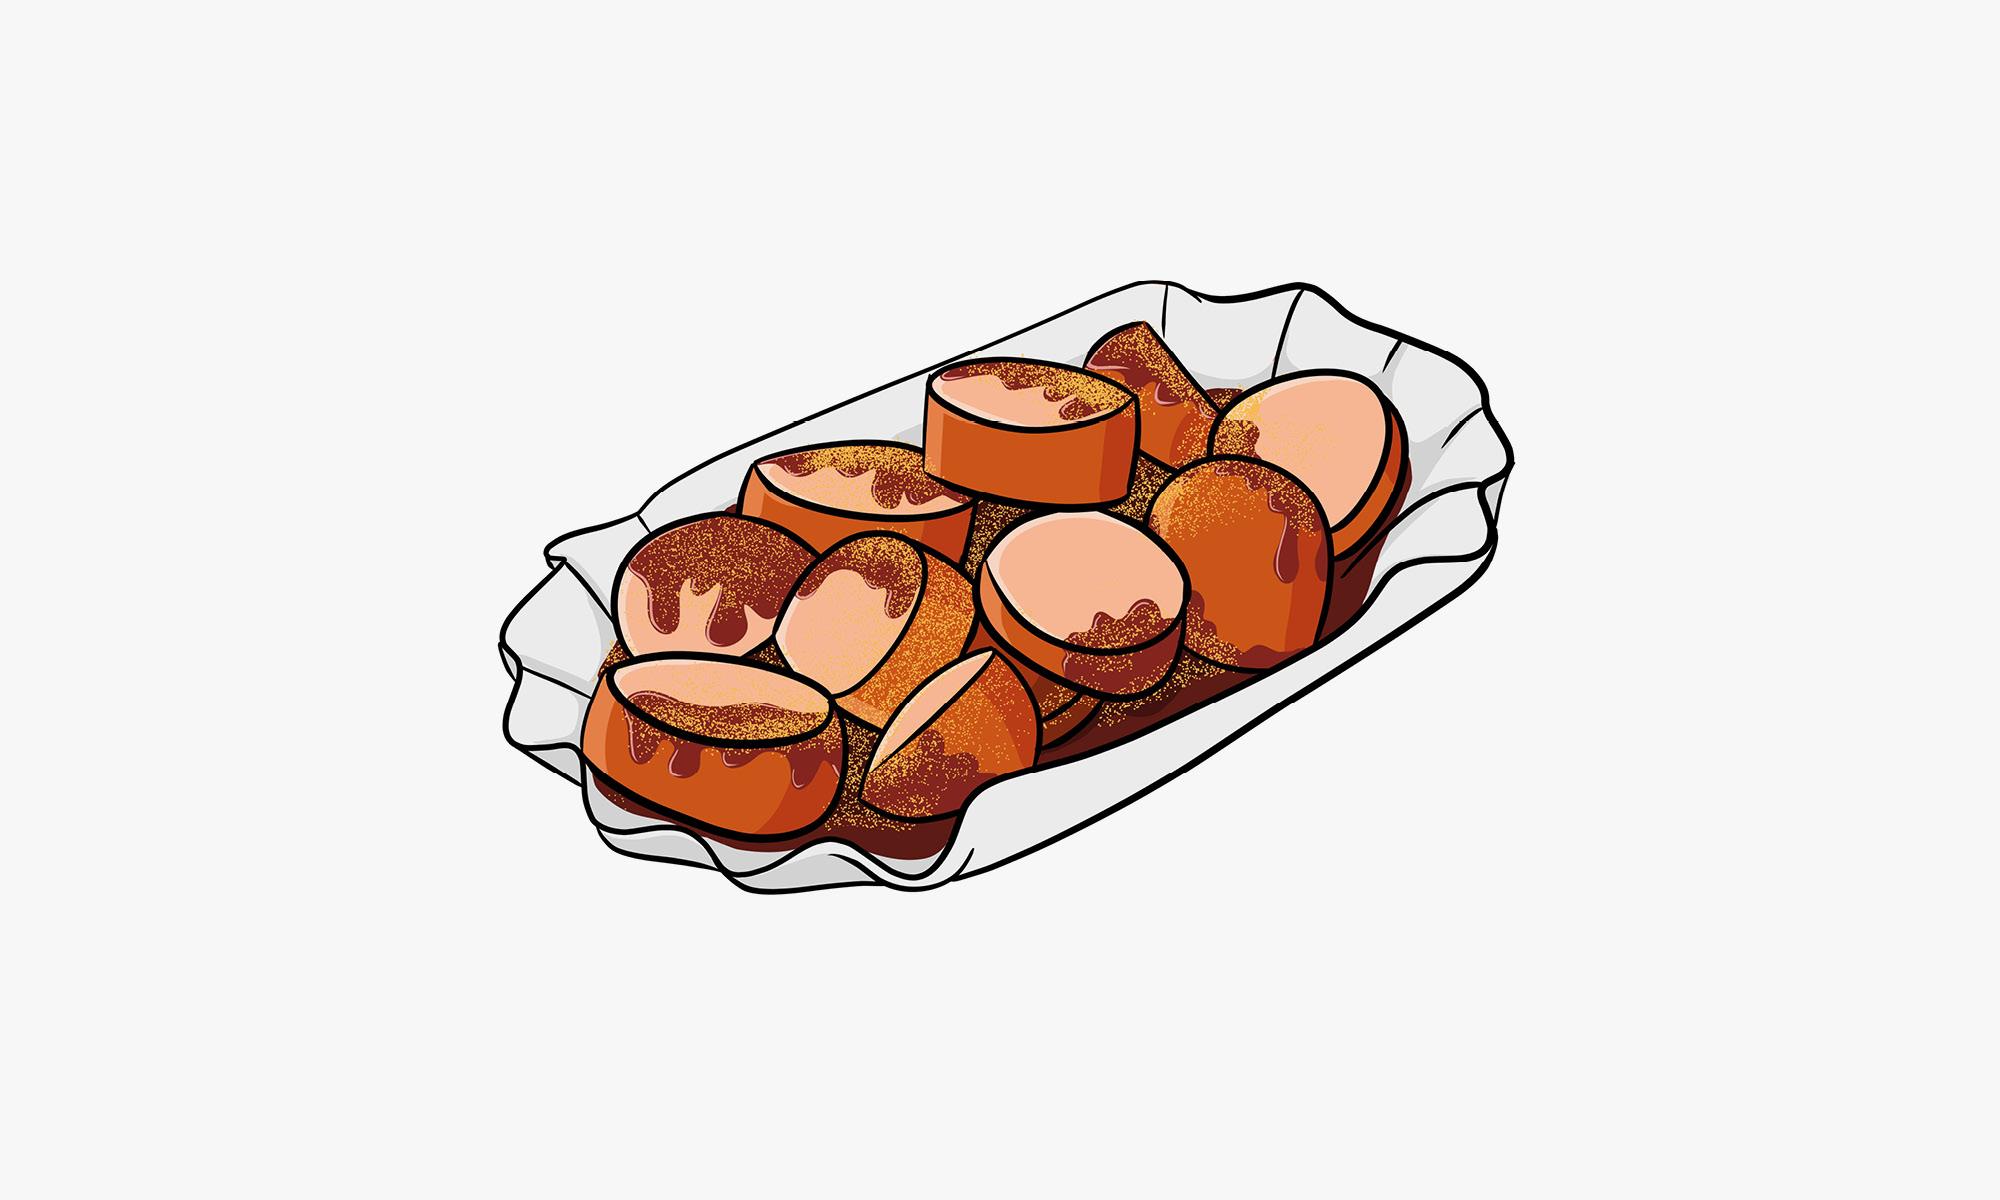 Wird die Currywurst rehabilitiert?